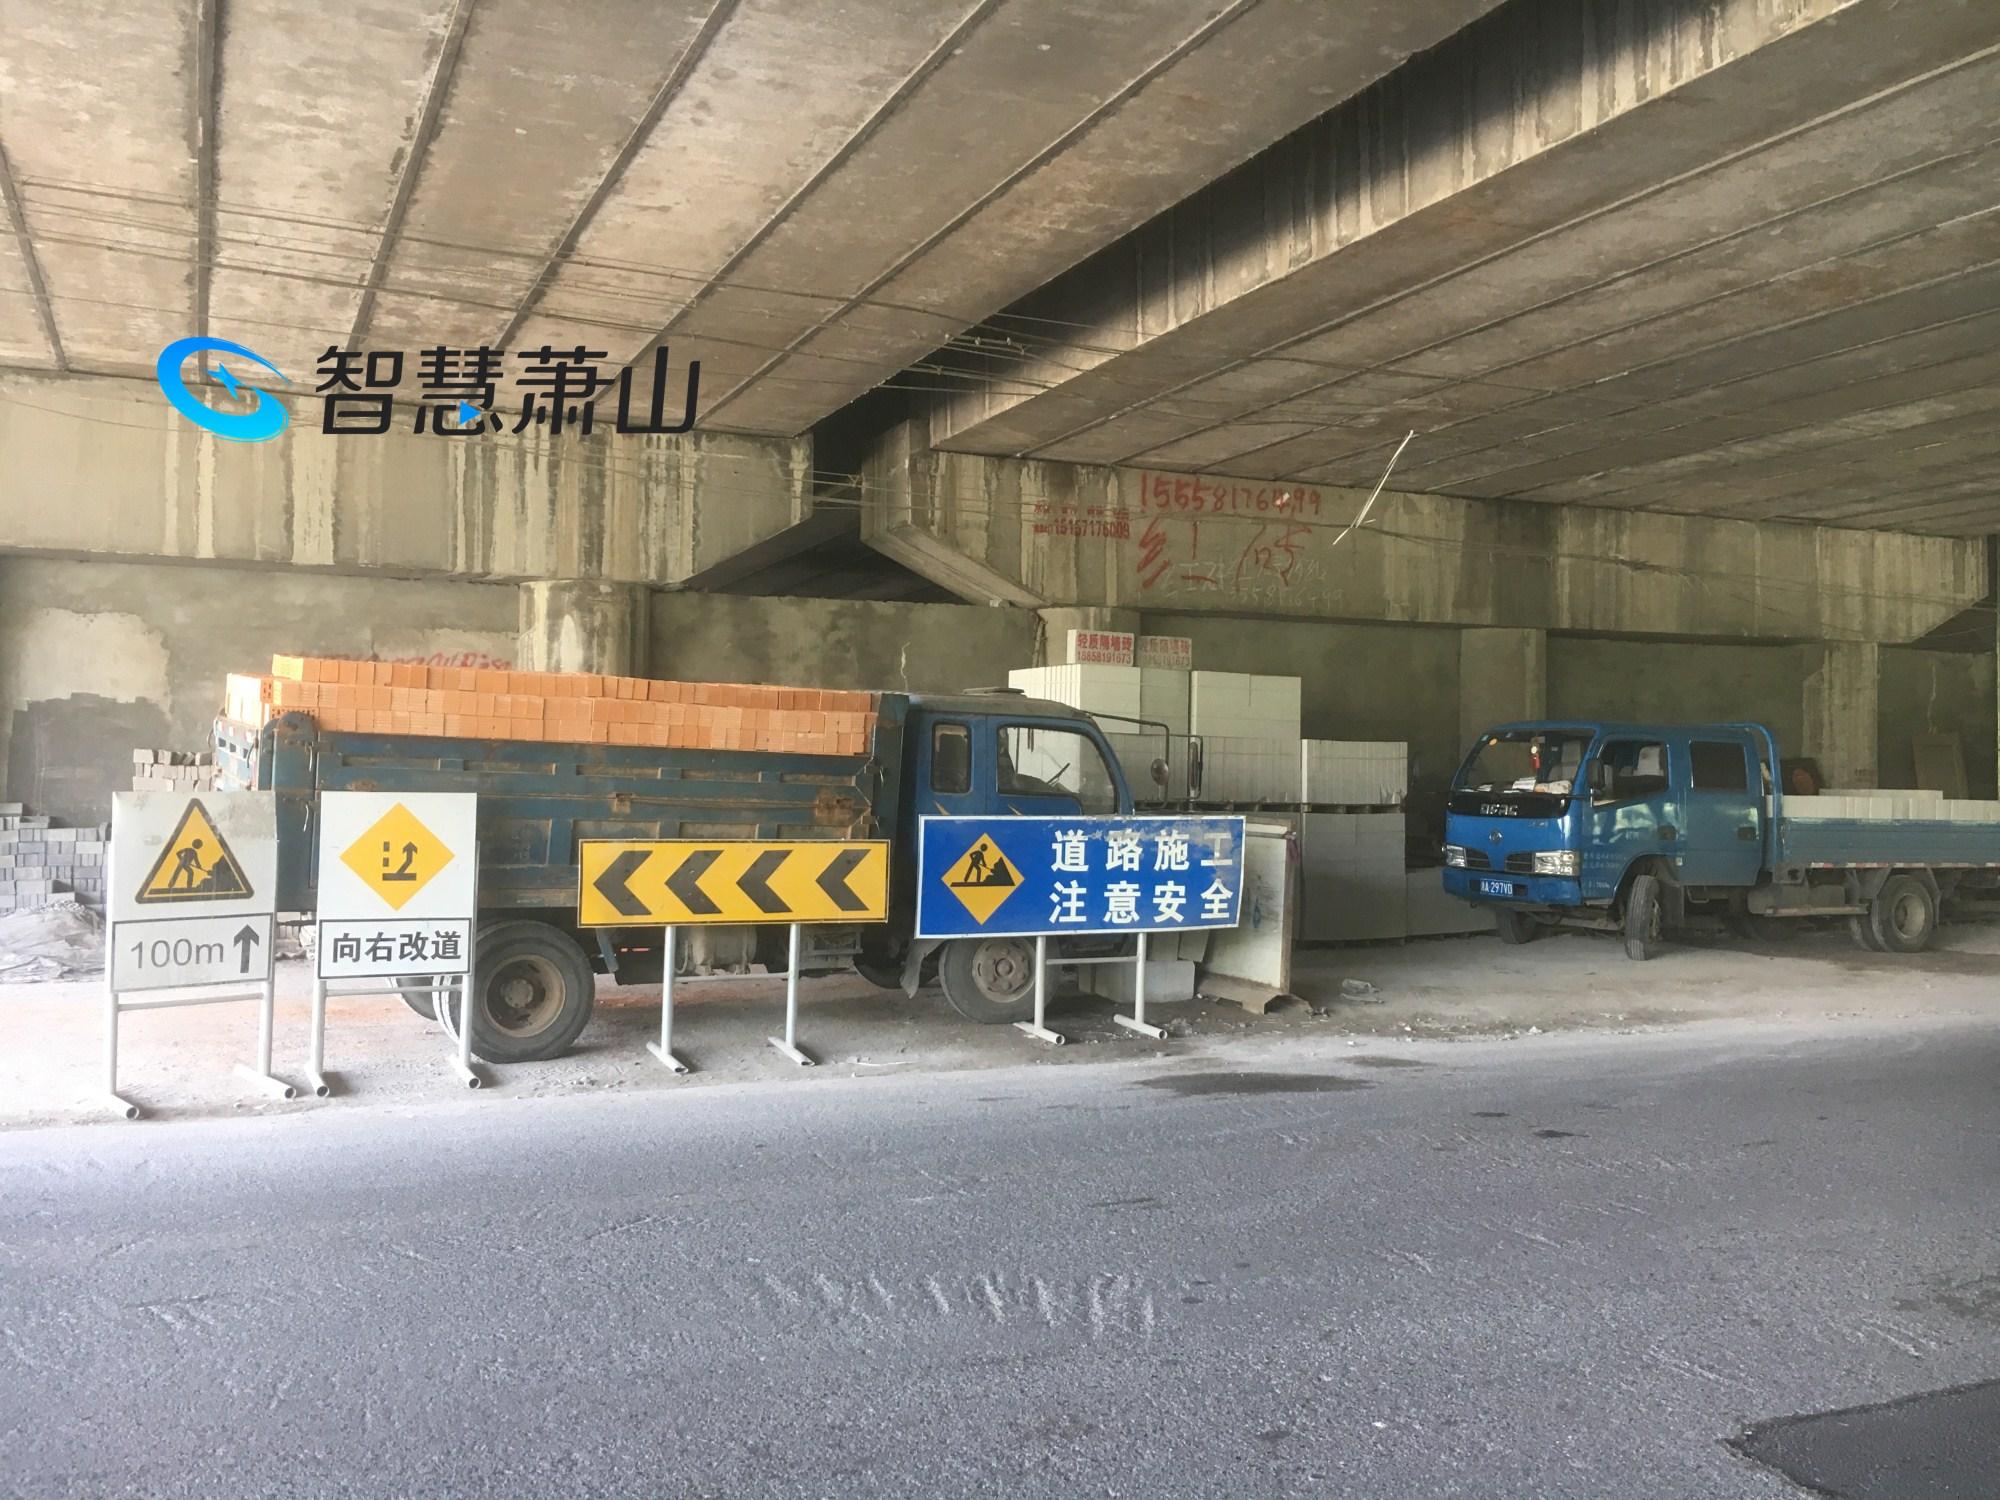 萧山风情大道桥洞下有人售卖建筑材料_交通受影响